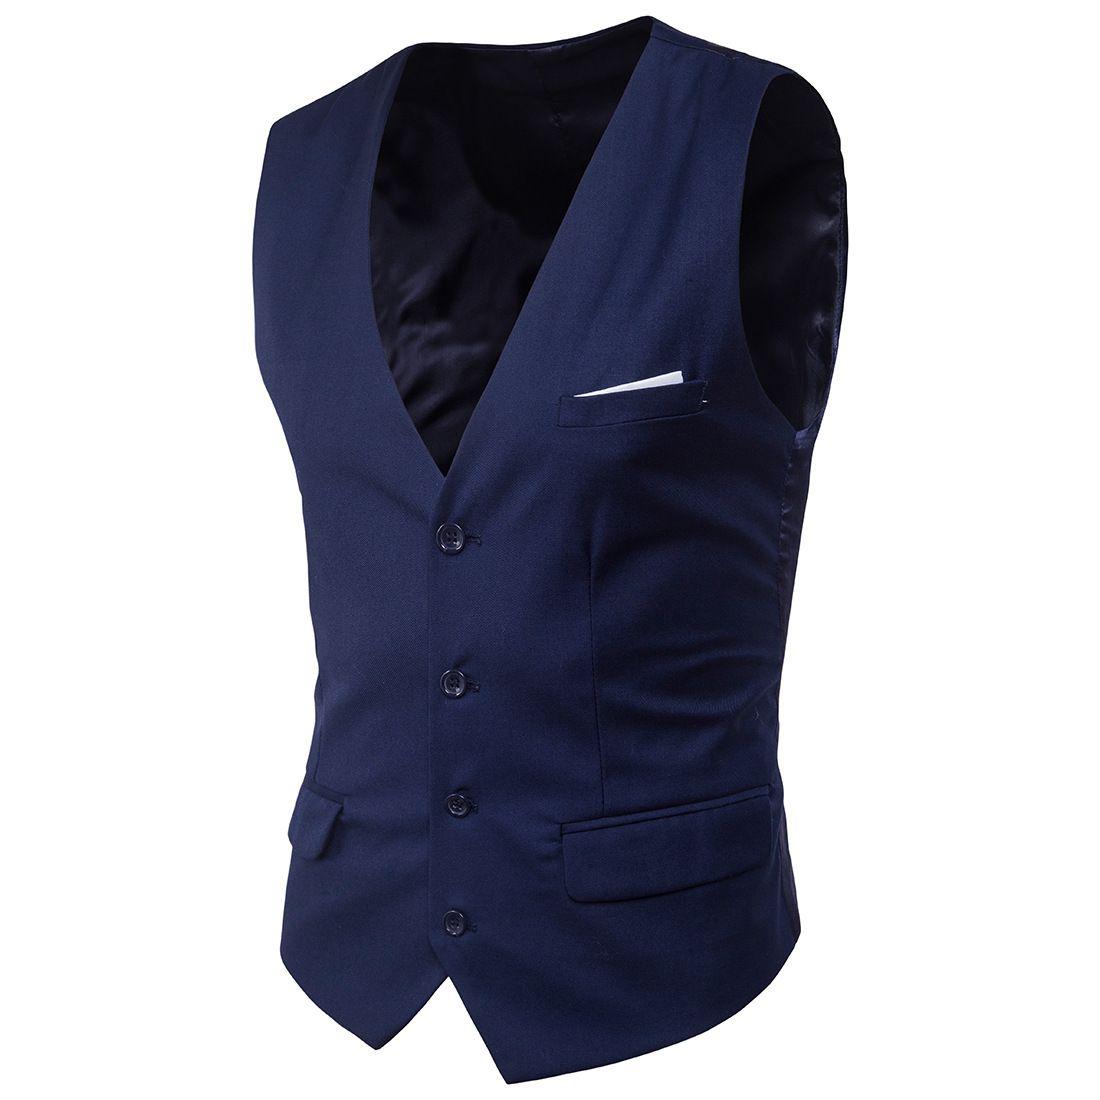 2017 새로운 도착 드레스 조끼 남성용 슬림 피트 맘대로 조끼 조끼 남성 조끼 Gilet 옴 캐주얼 민소매 공식 비즈니스 재킷